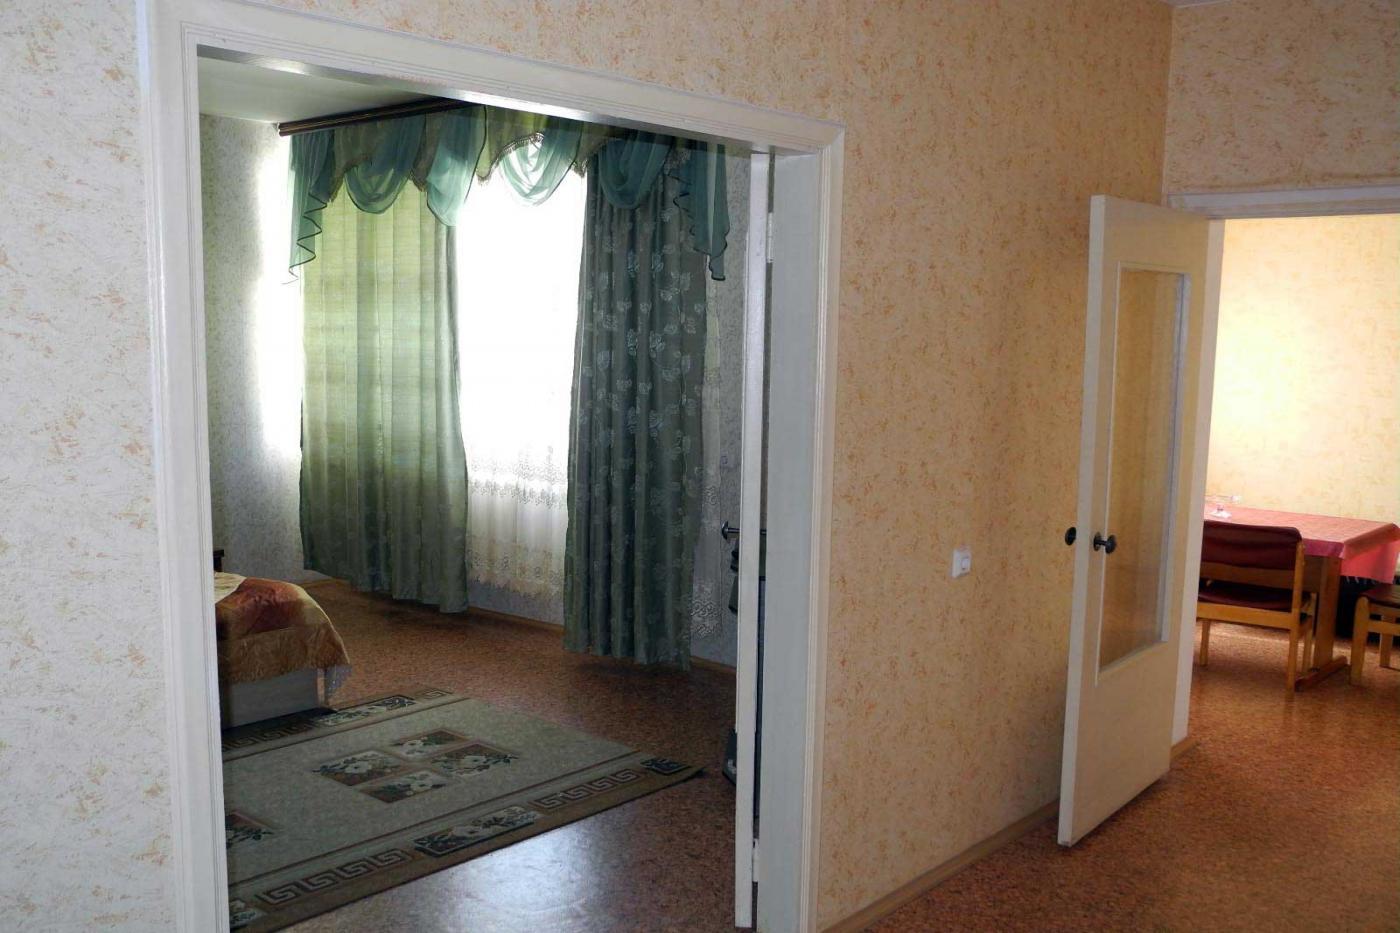 1-комнатная квартира посуточно (вариант № 3873), ул. Никитинская улица, фото № 8